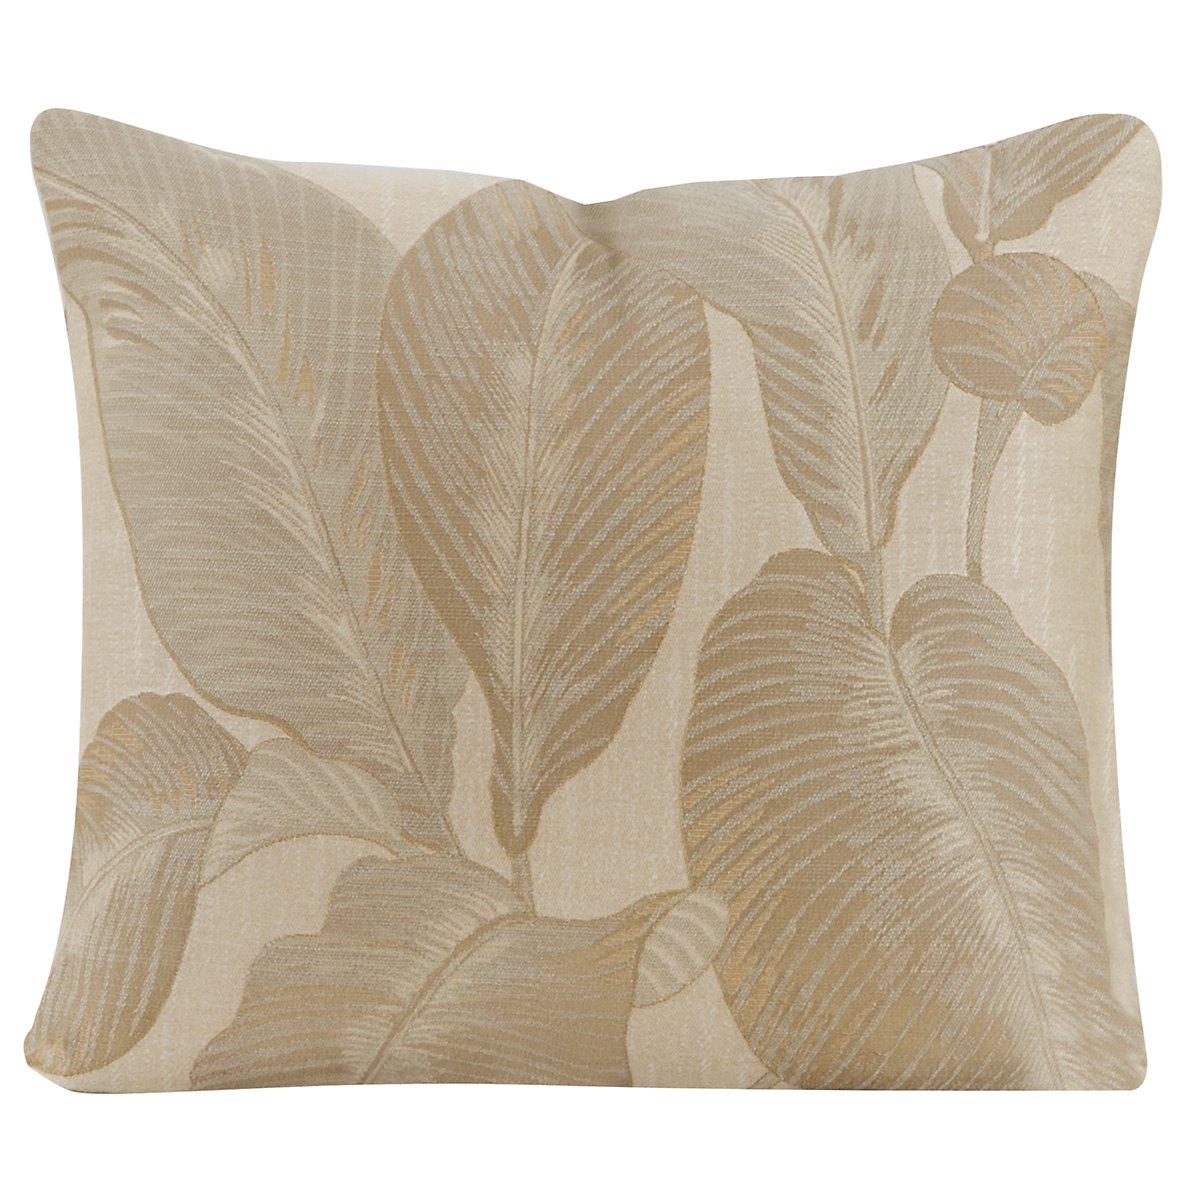 Erin Multicolored Fabric Square Accent Pillow